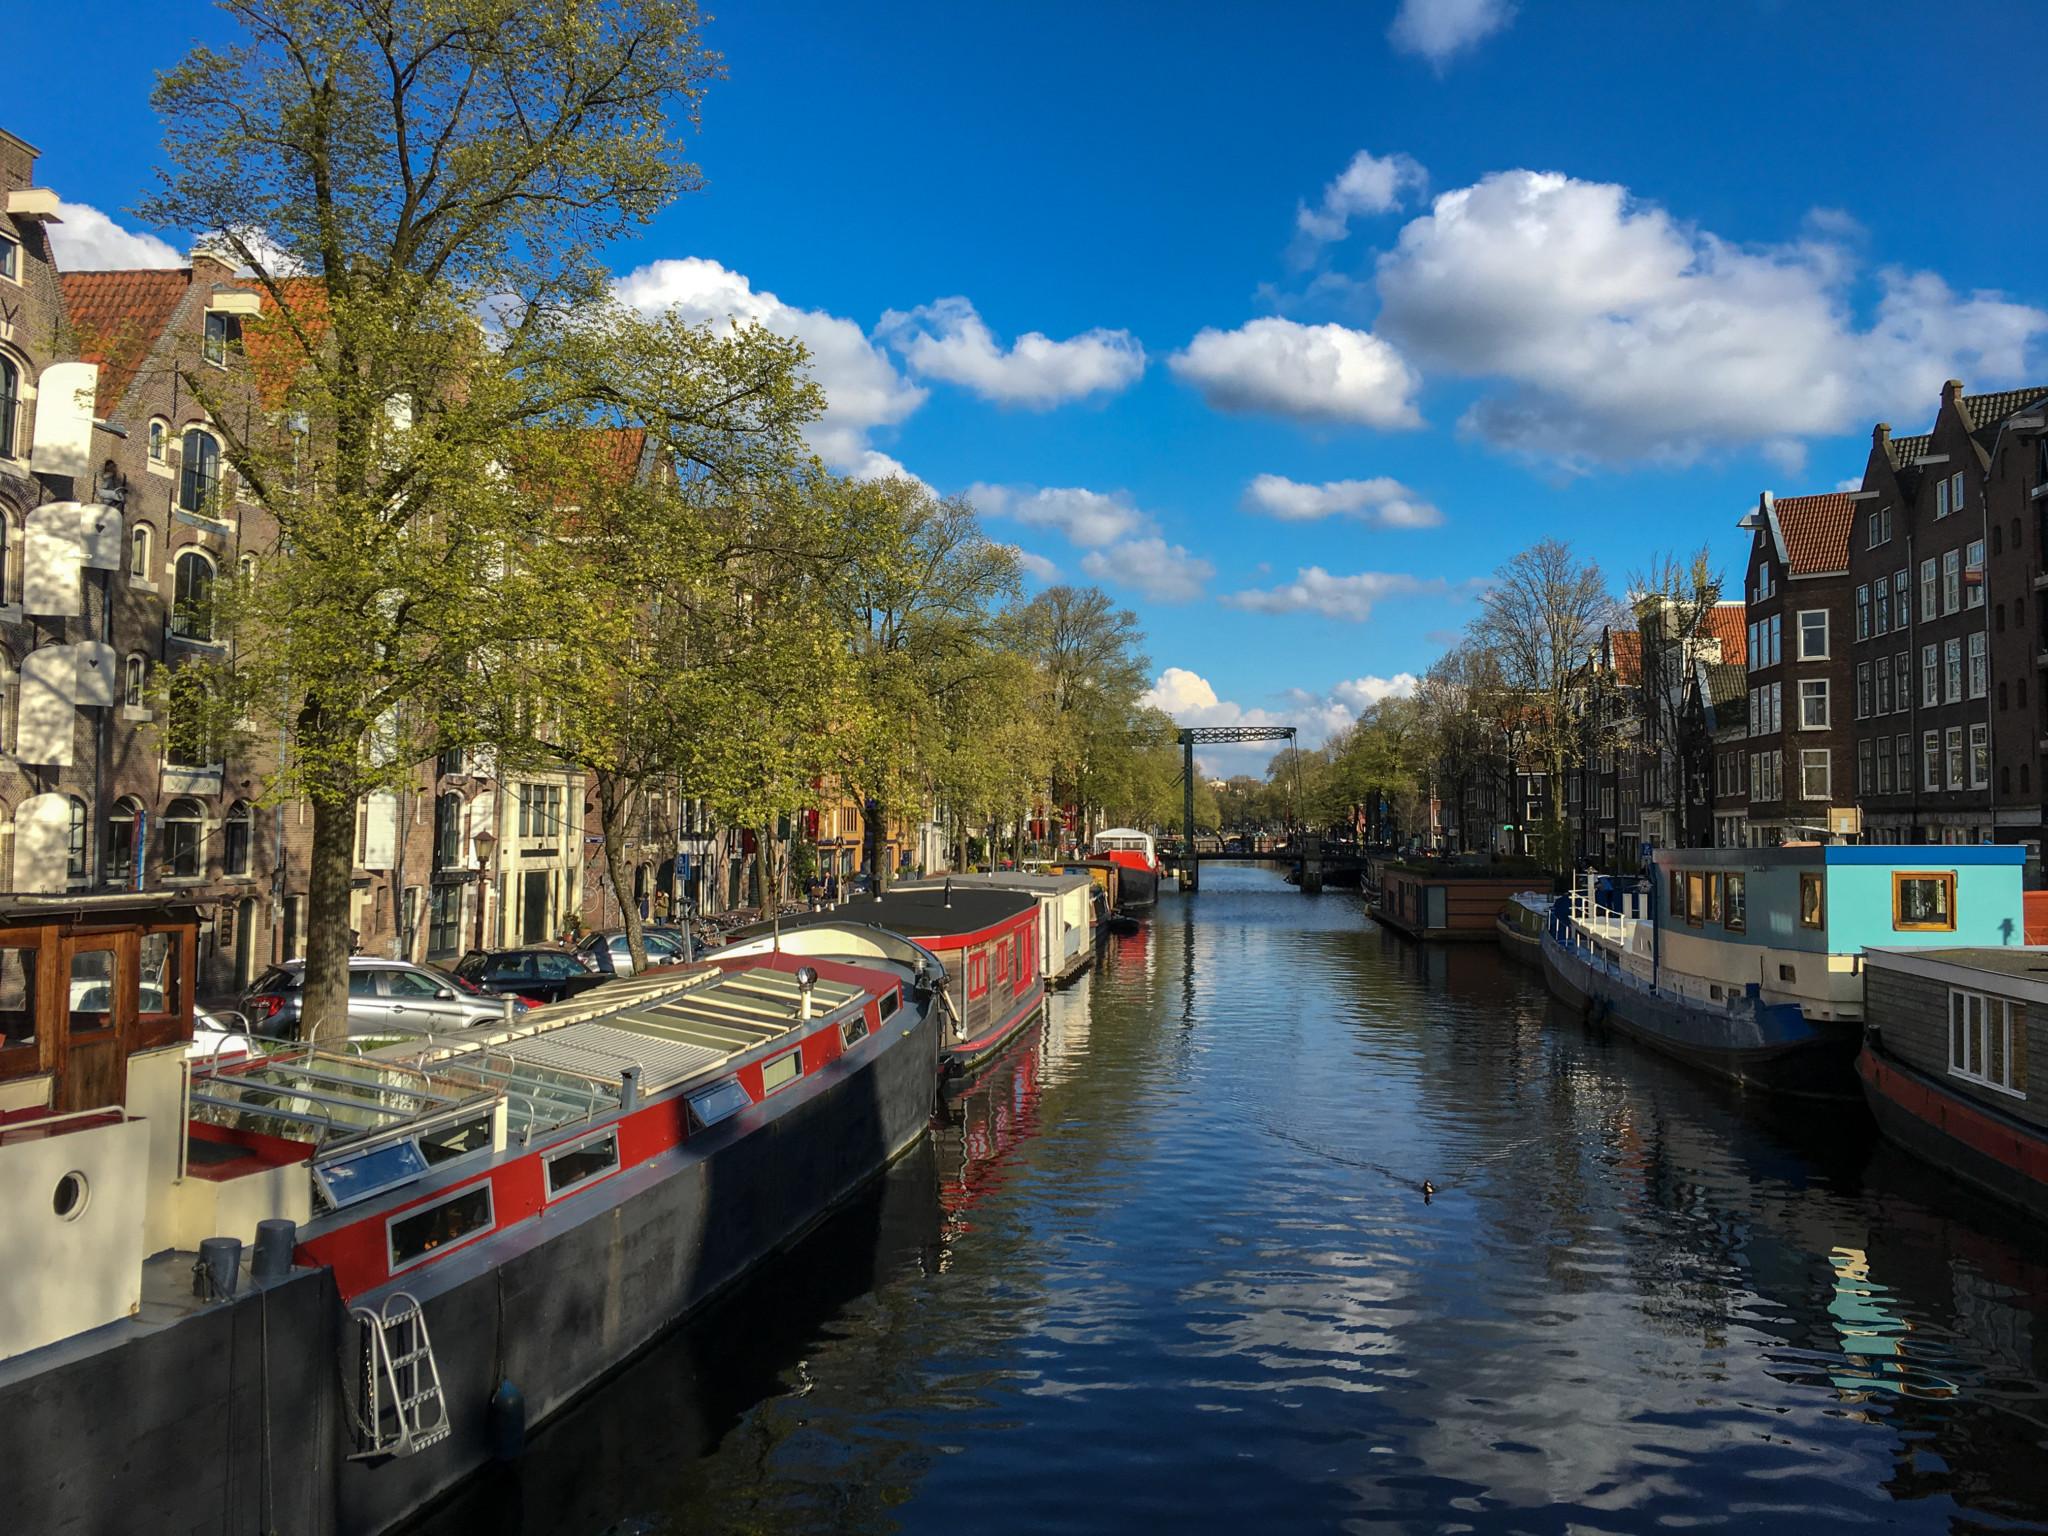 Die Grachten von Amsterdam